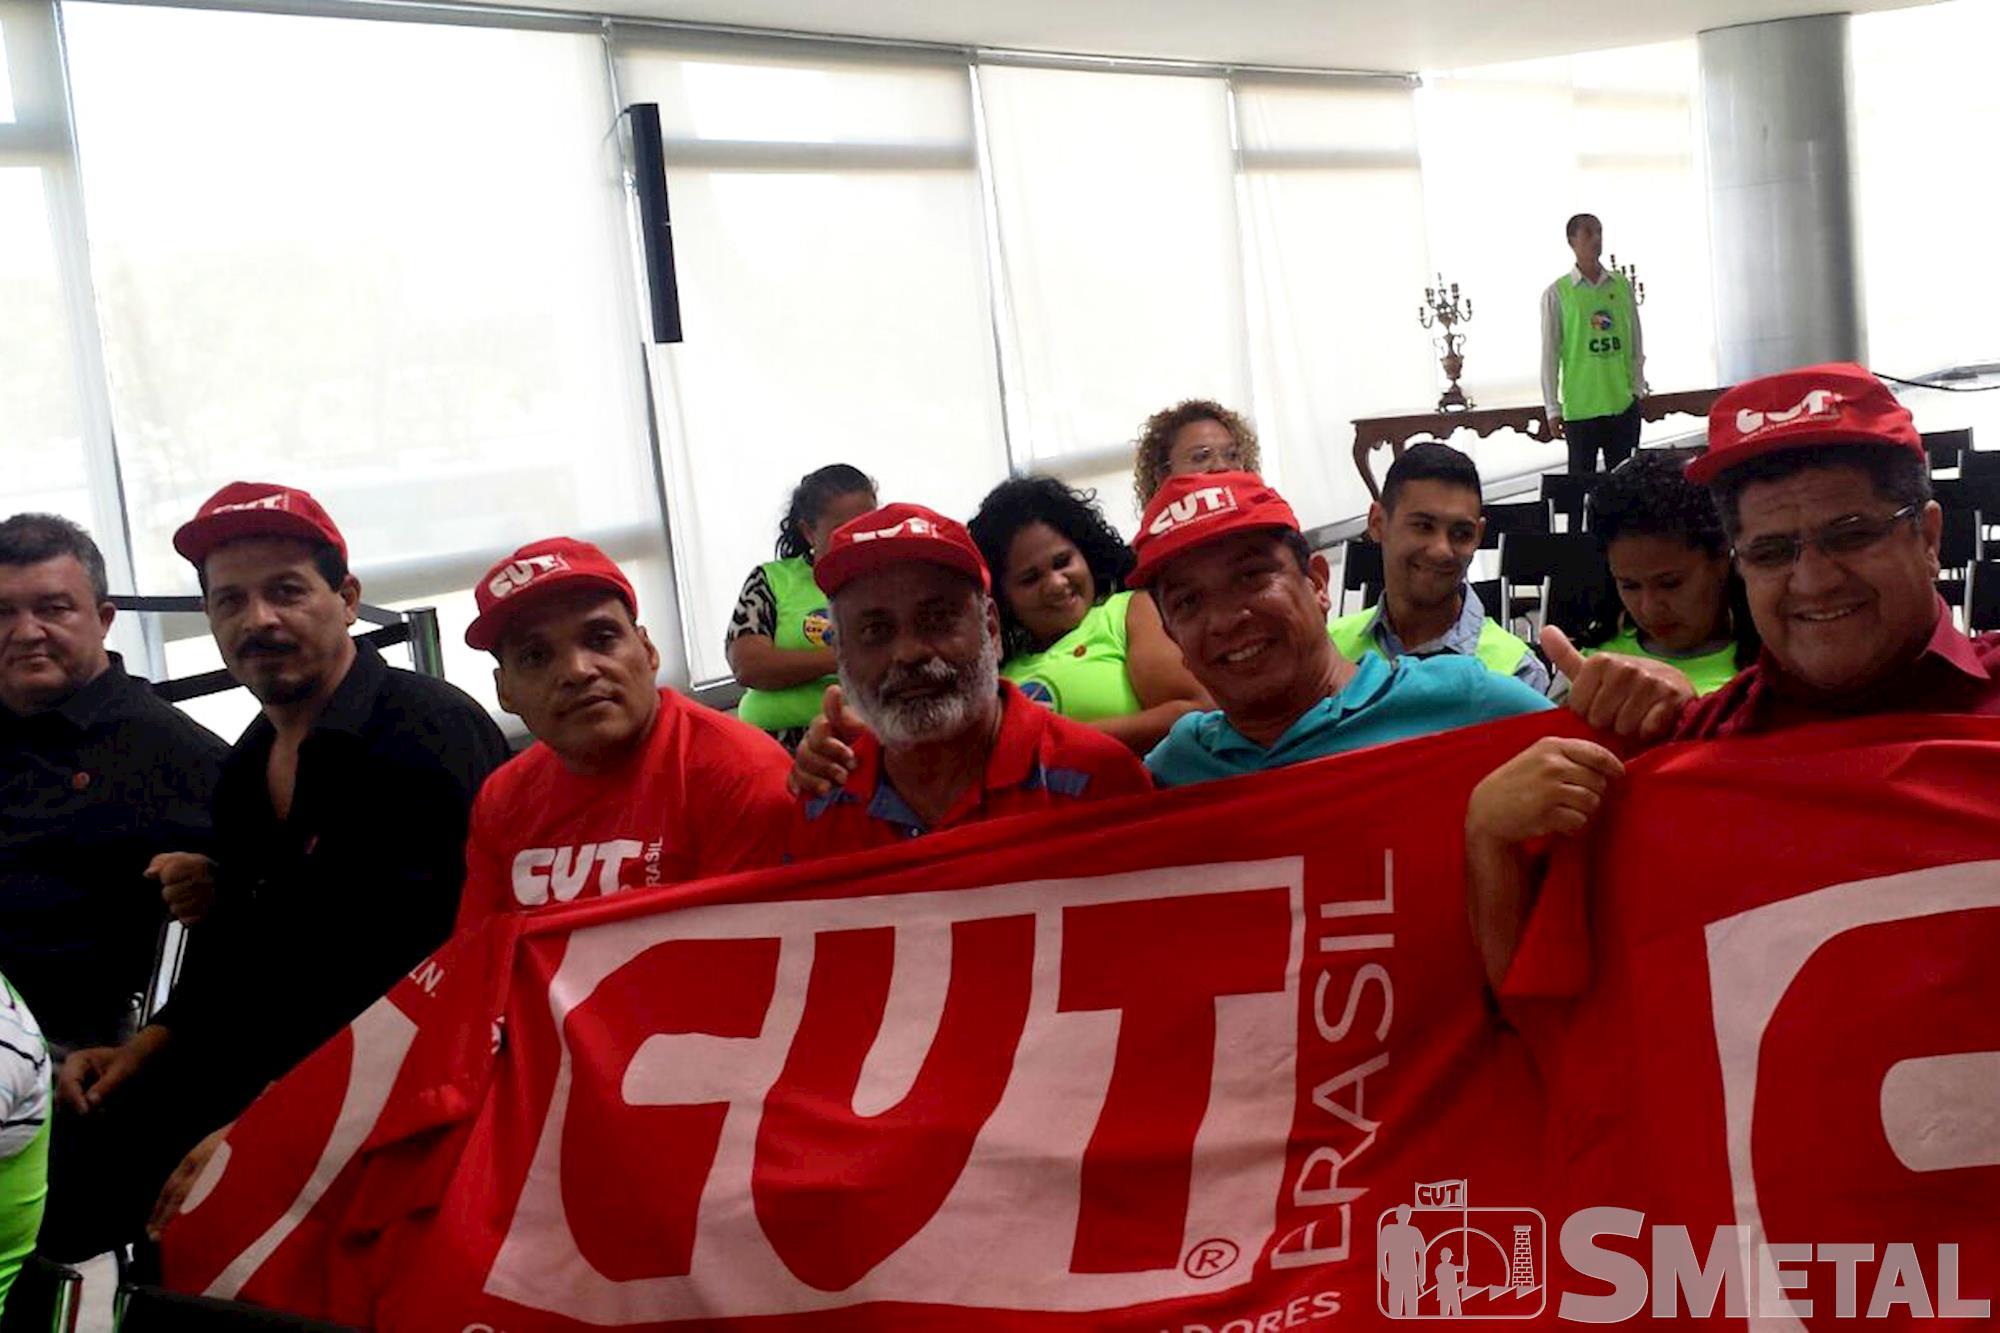 O diretor do SMetal e secretário da FEM,  Carpinha (à direita),  participou do evento,  em Brasília, Movimentos sociais se reúnem com Dilma e reafirmam apoio à democracia